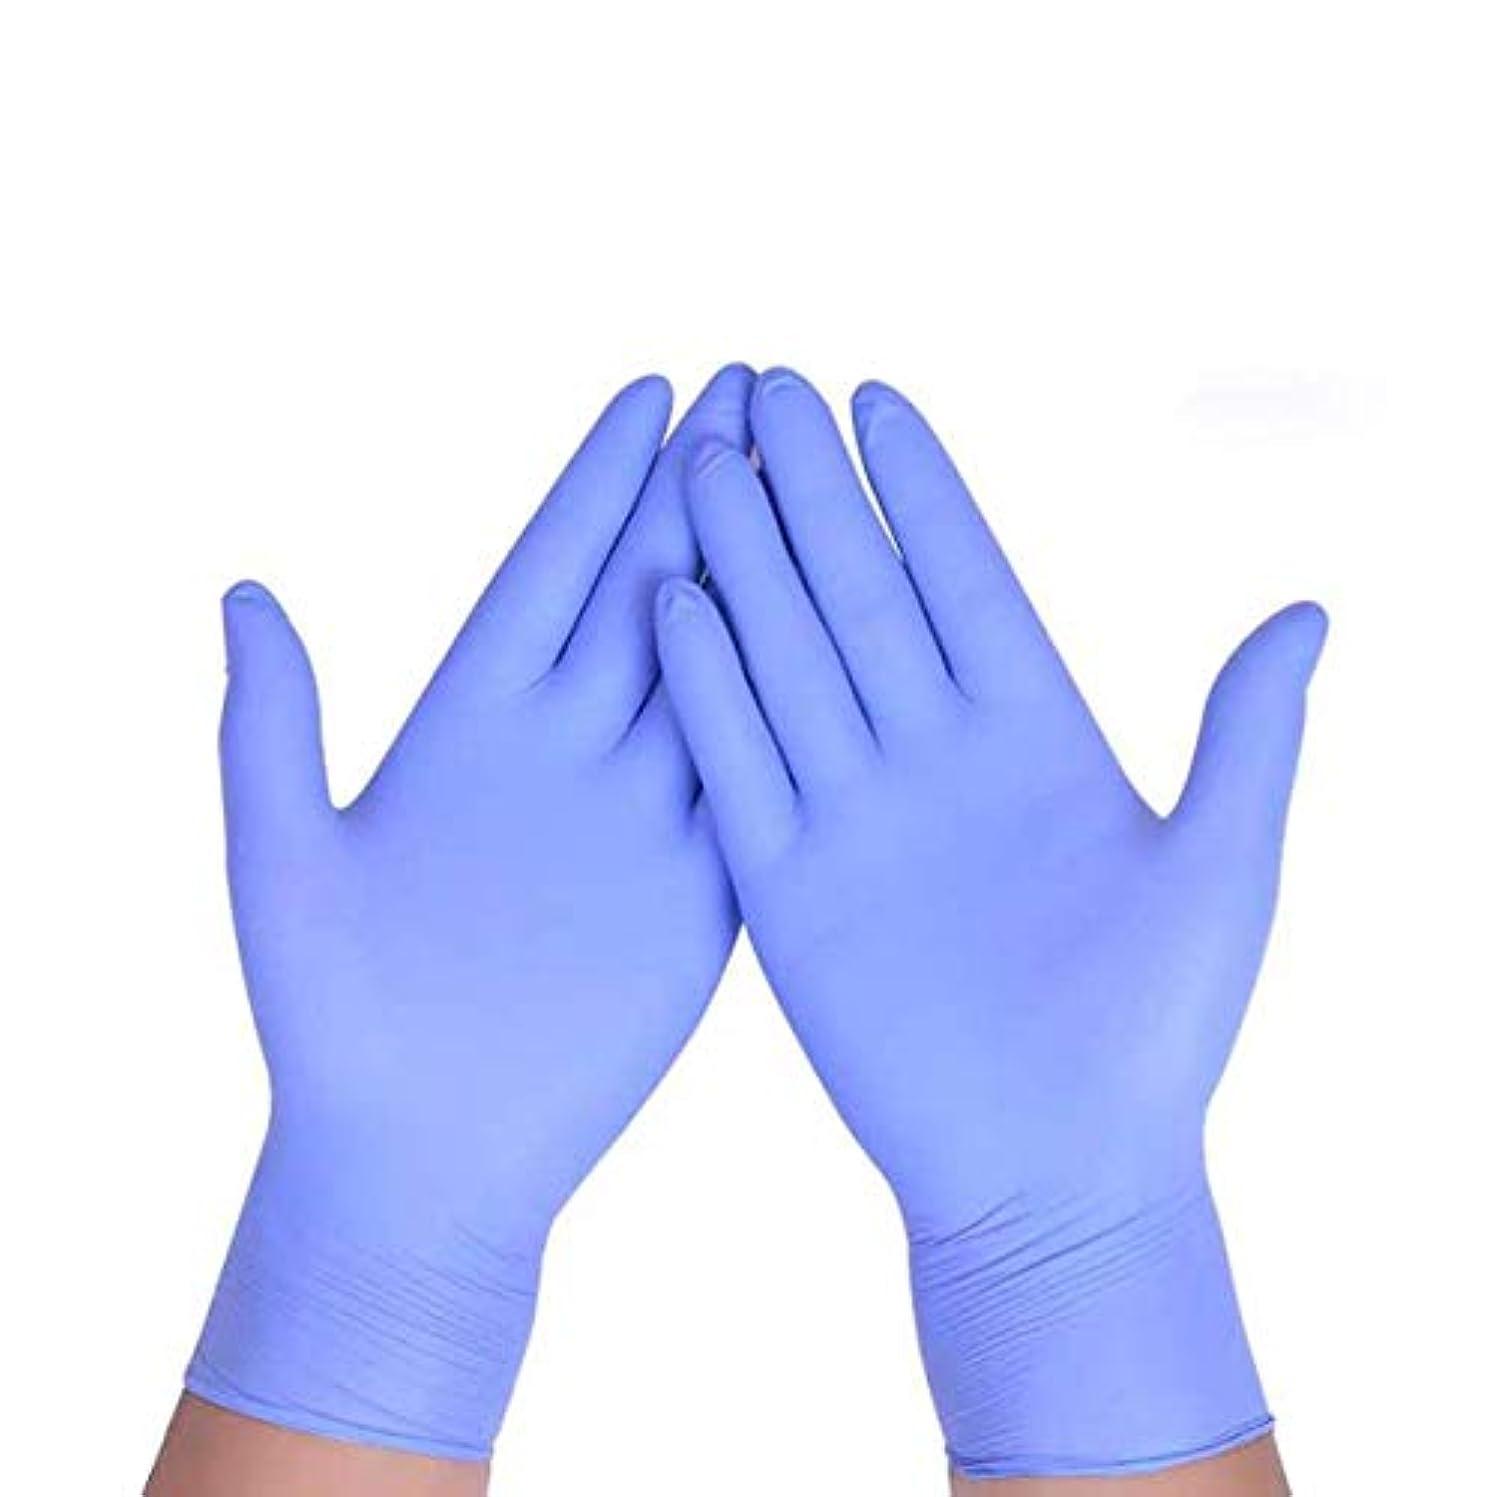 松の木行商人通りゴム手袋ビニール手袋 薄手 使い捨て防水耐油 耐溶剤 伸縮性抜群 耐久性高い 青 100枚入